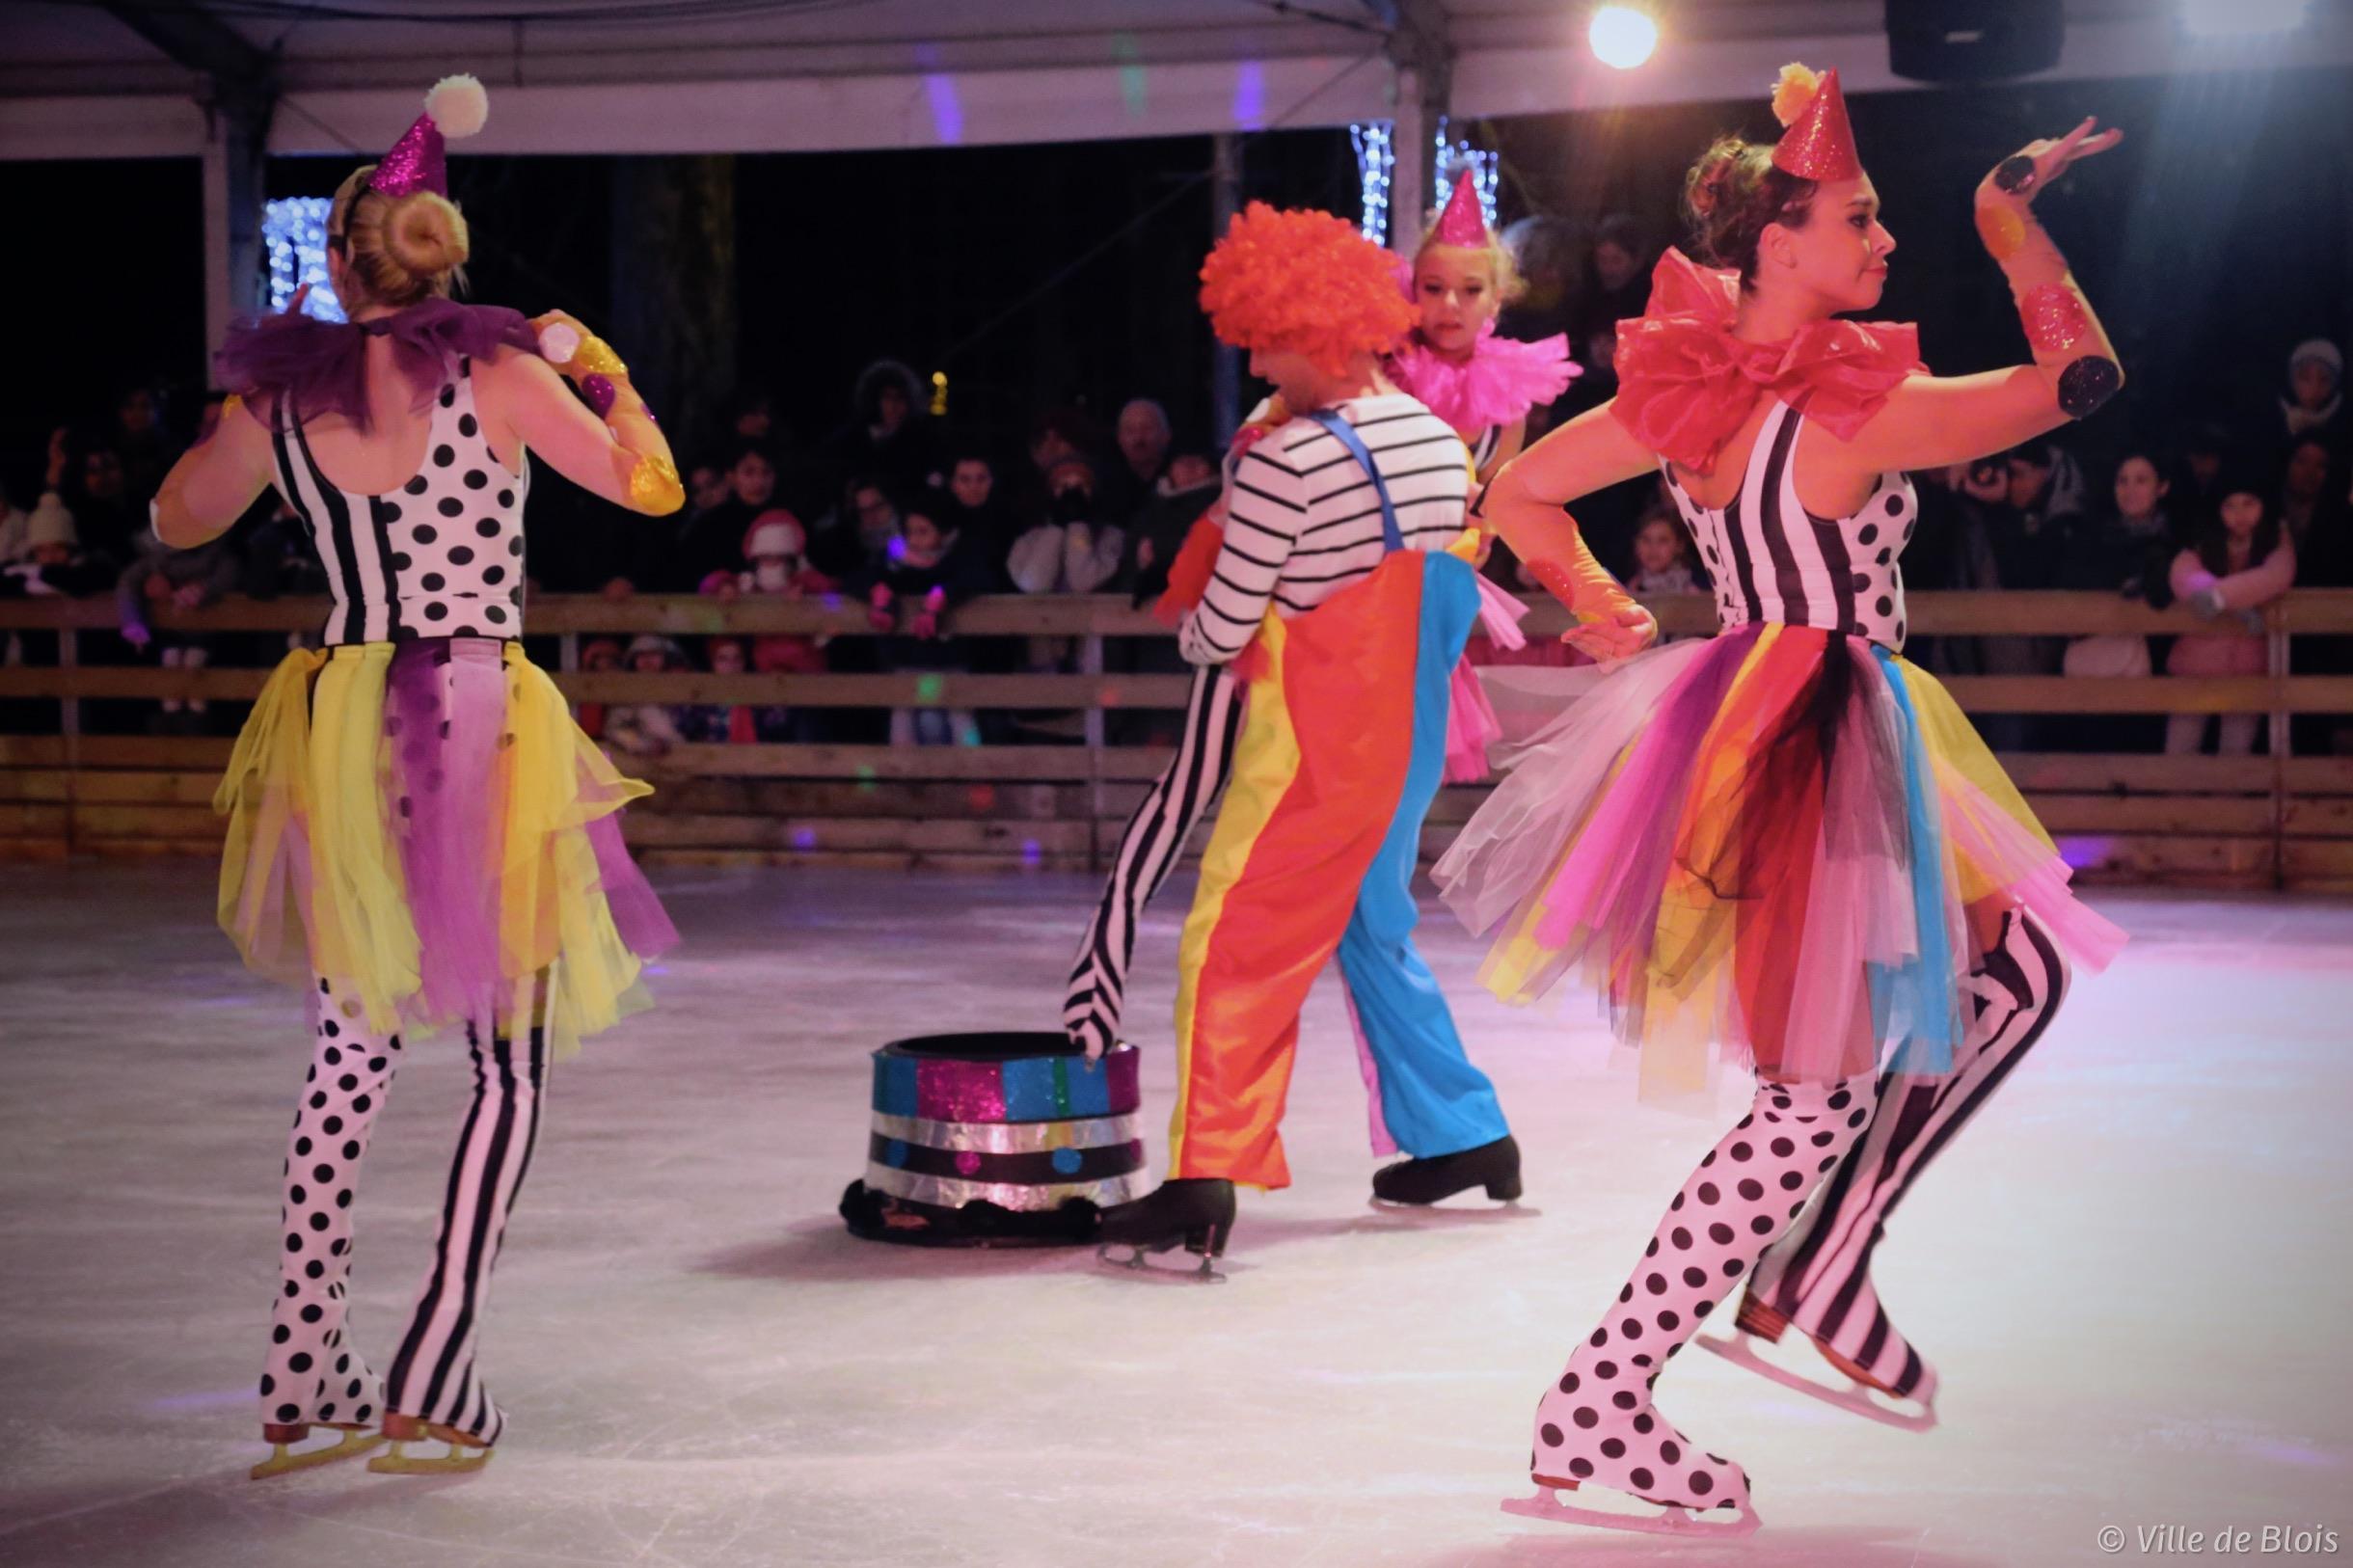 Des artistes dansent sur la glace pour le spectacle d'ouverture du festival Des Lyres d'hiver.